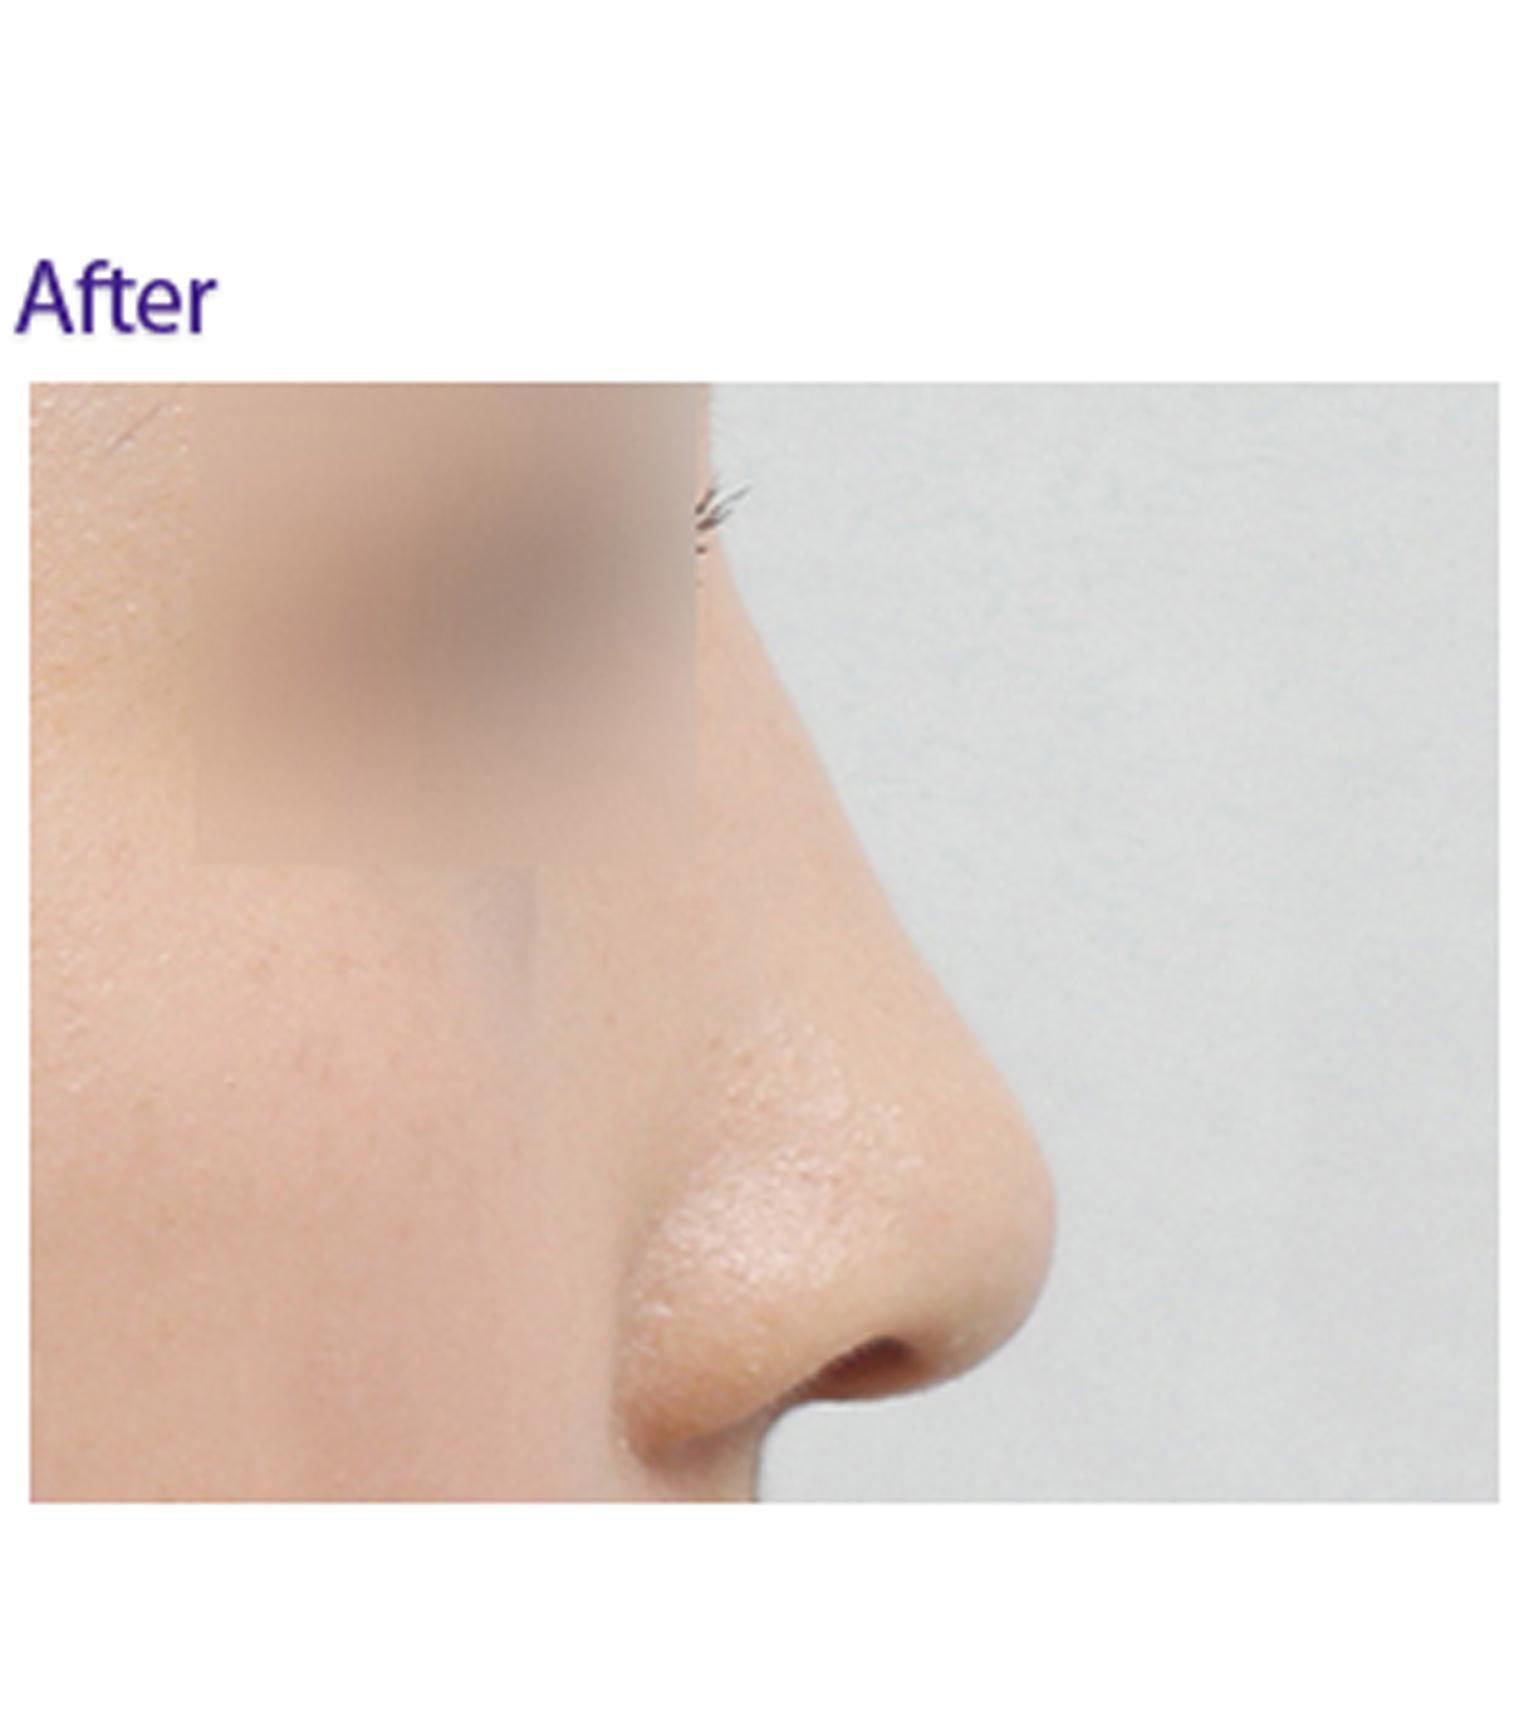 隆鼻手术对比图